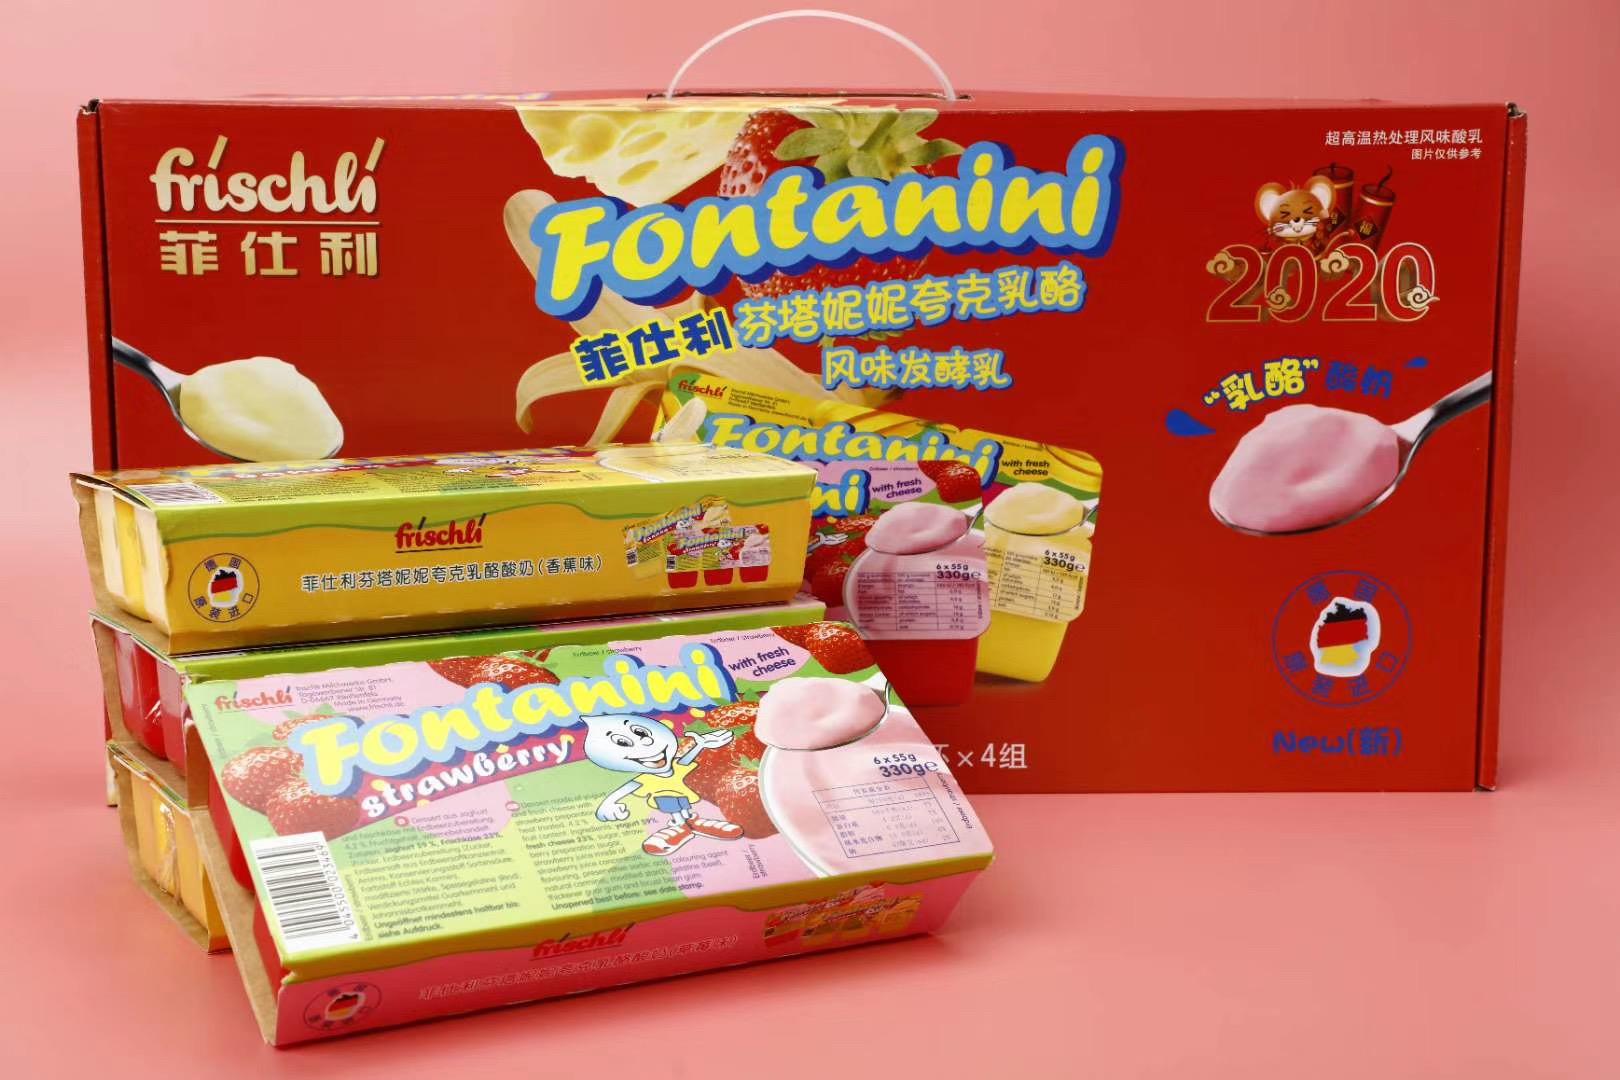 【限时特价团】德国原装进口frischli菲仕利夸克乳酪酸奶4盒混合礼盒装